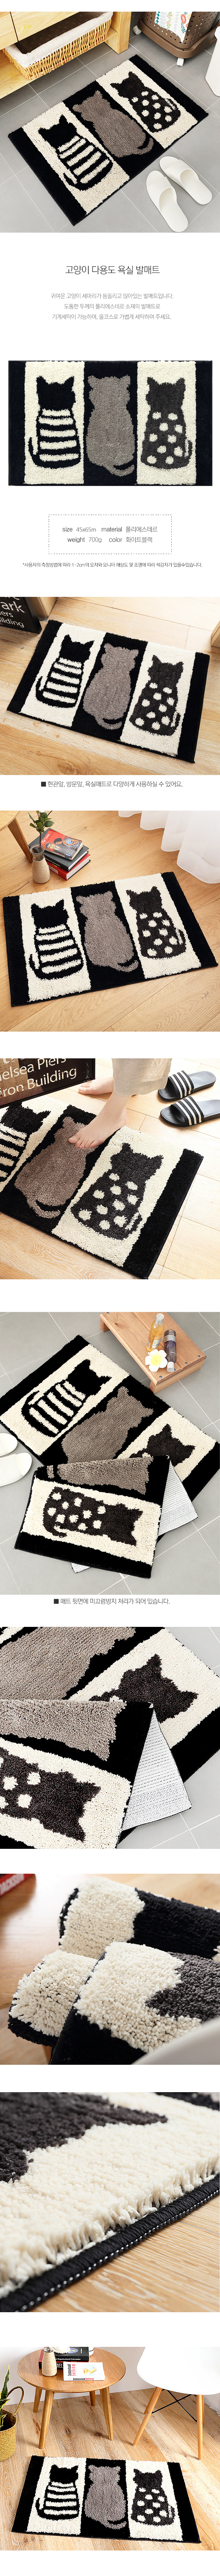 블랙 고양이 욕실매트 - 이비자, 13,000원, 디자인 발매트, 디자인